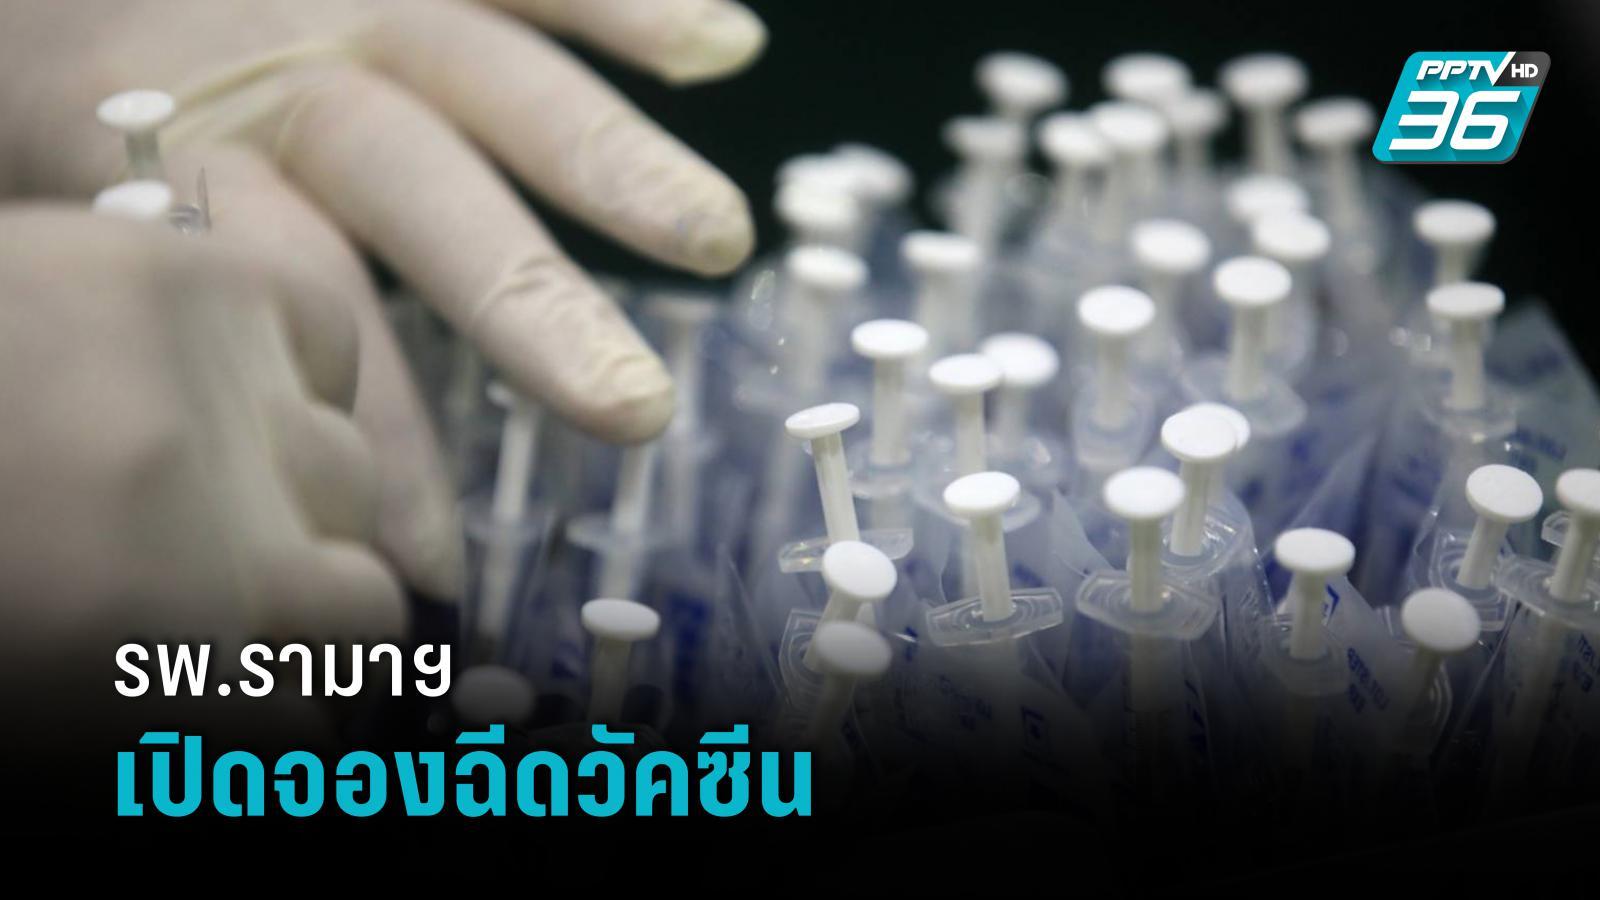 วันนี้! รพ.รามาธิบดี เปิดให้จองฉีดวัคซีนโควิดแอสตร้าเซเนก้า